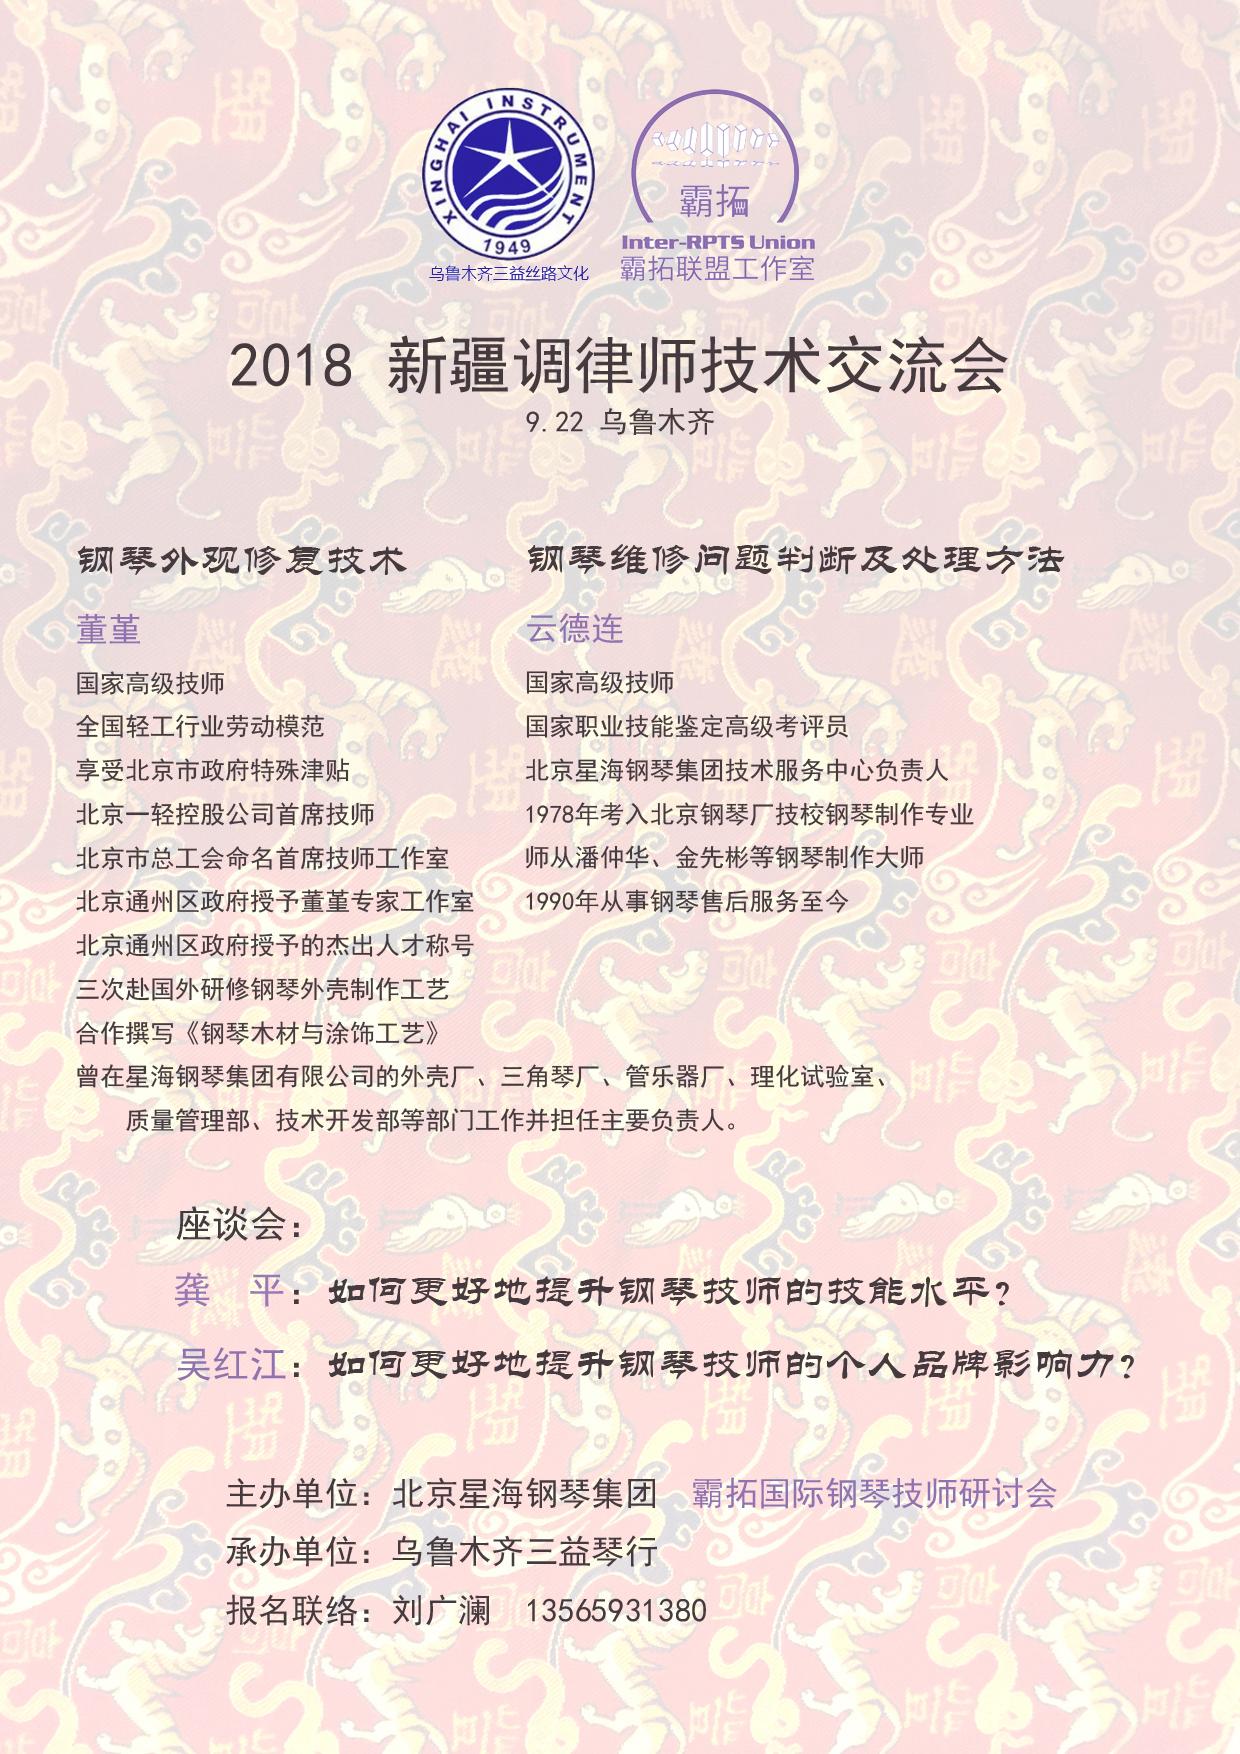 2018 霸拓-新疆.jpg